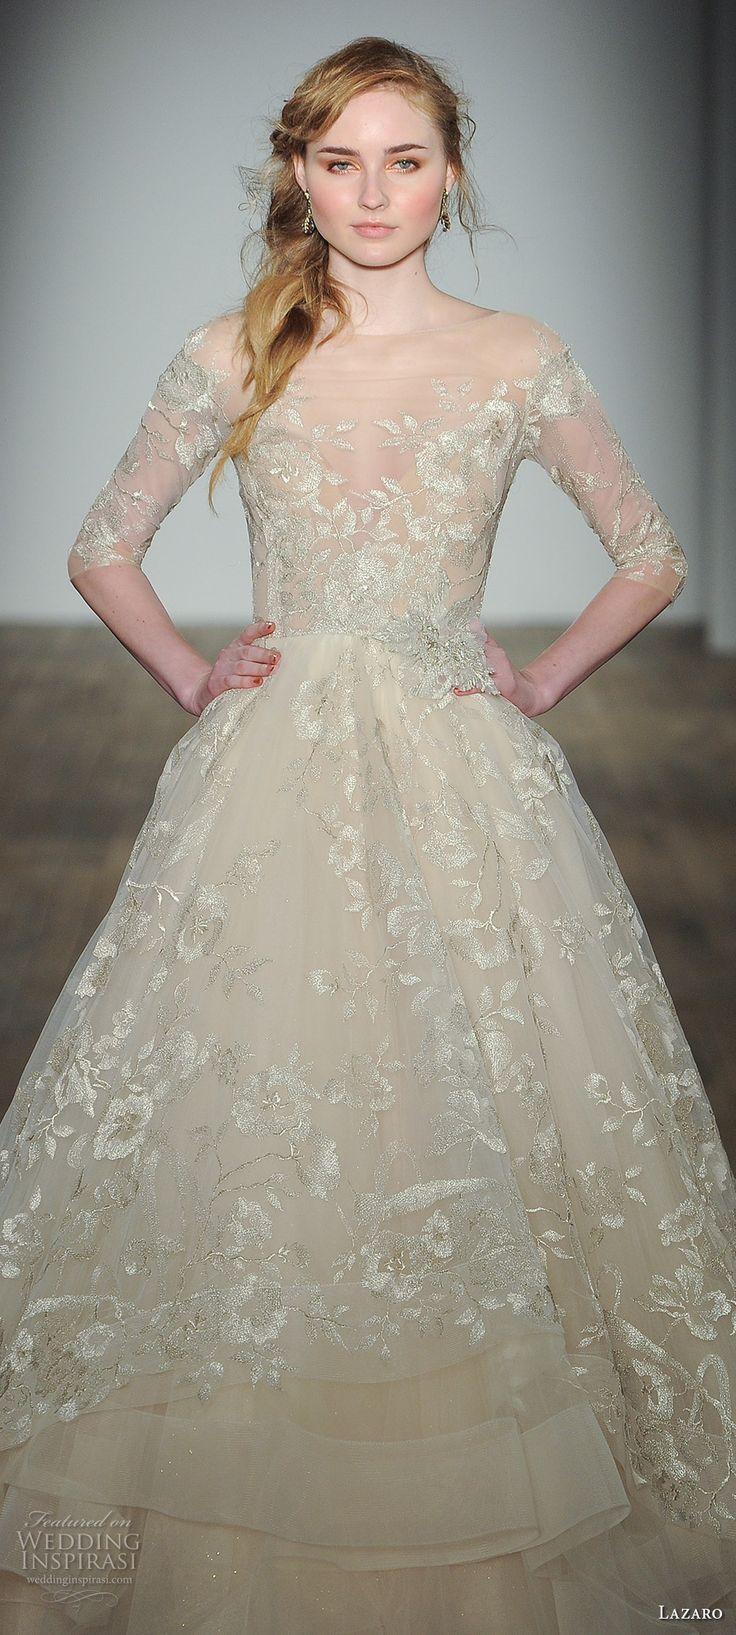 Promises prom dresses ilkley